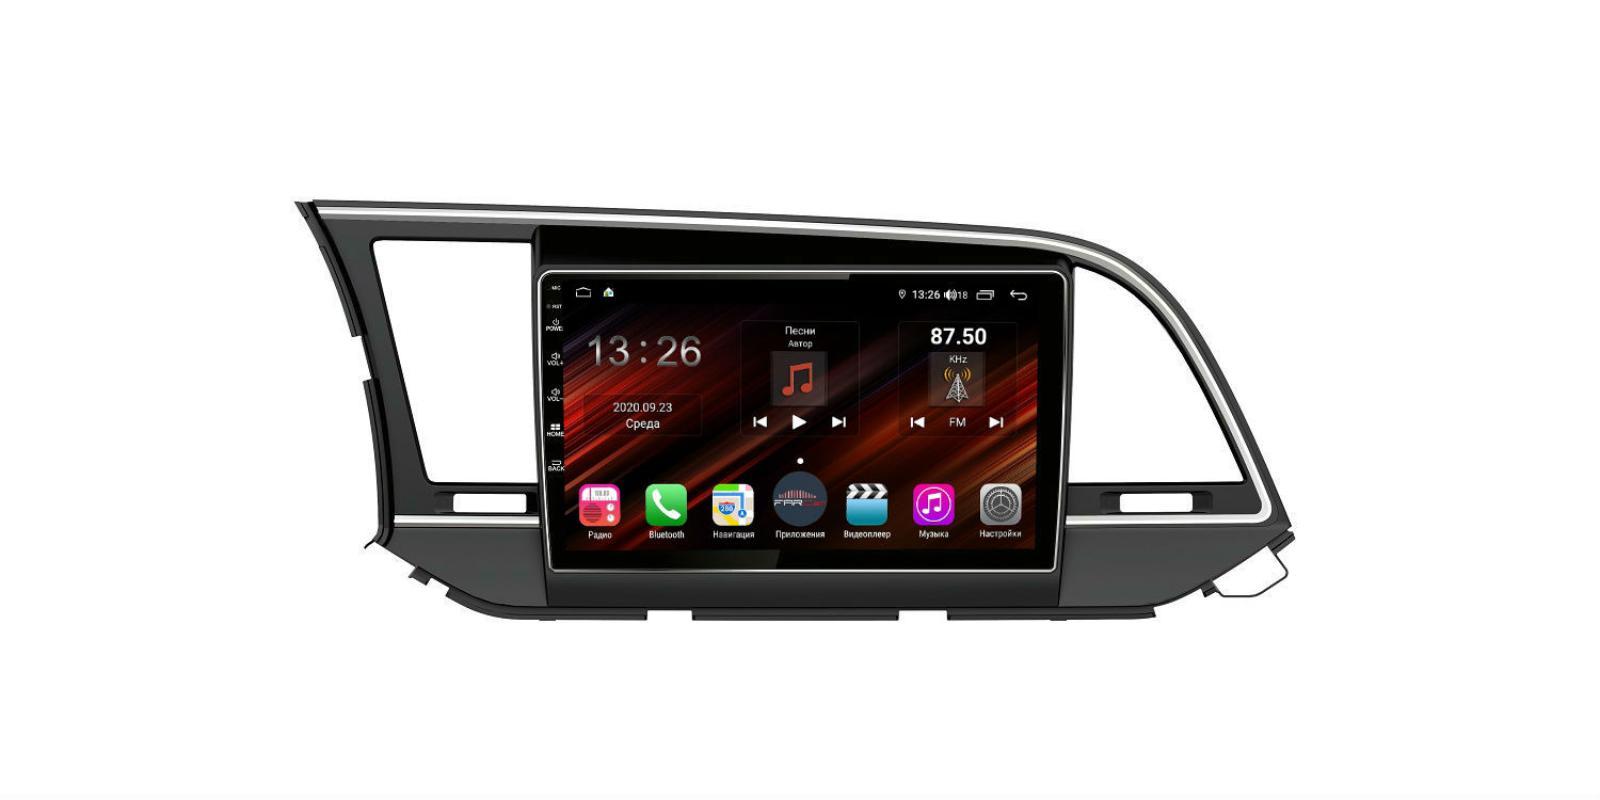 Штатная магнитола FarCar s400 Super HD для Hyundai Elantra на Android (XH581R) (+ Камера заднего вида в подарок!)